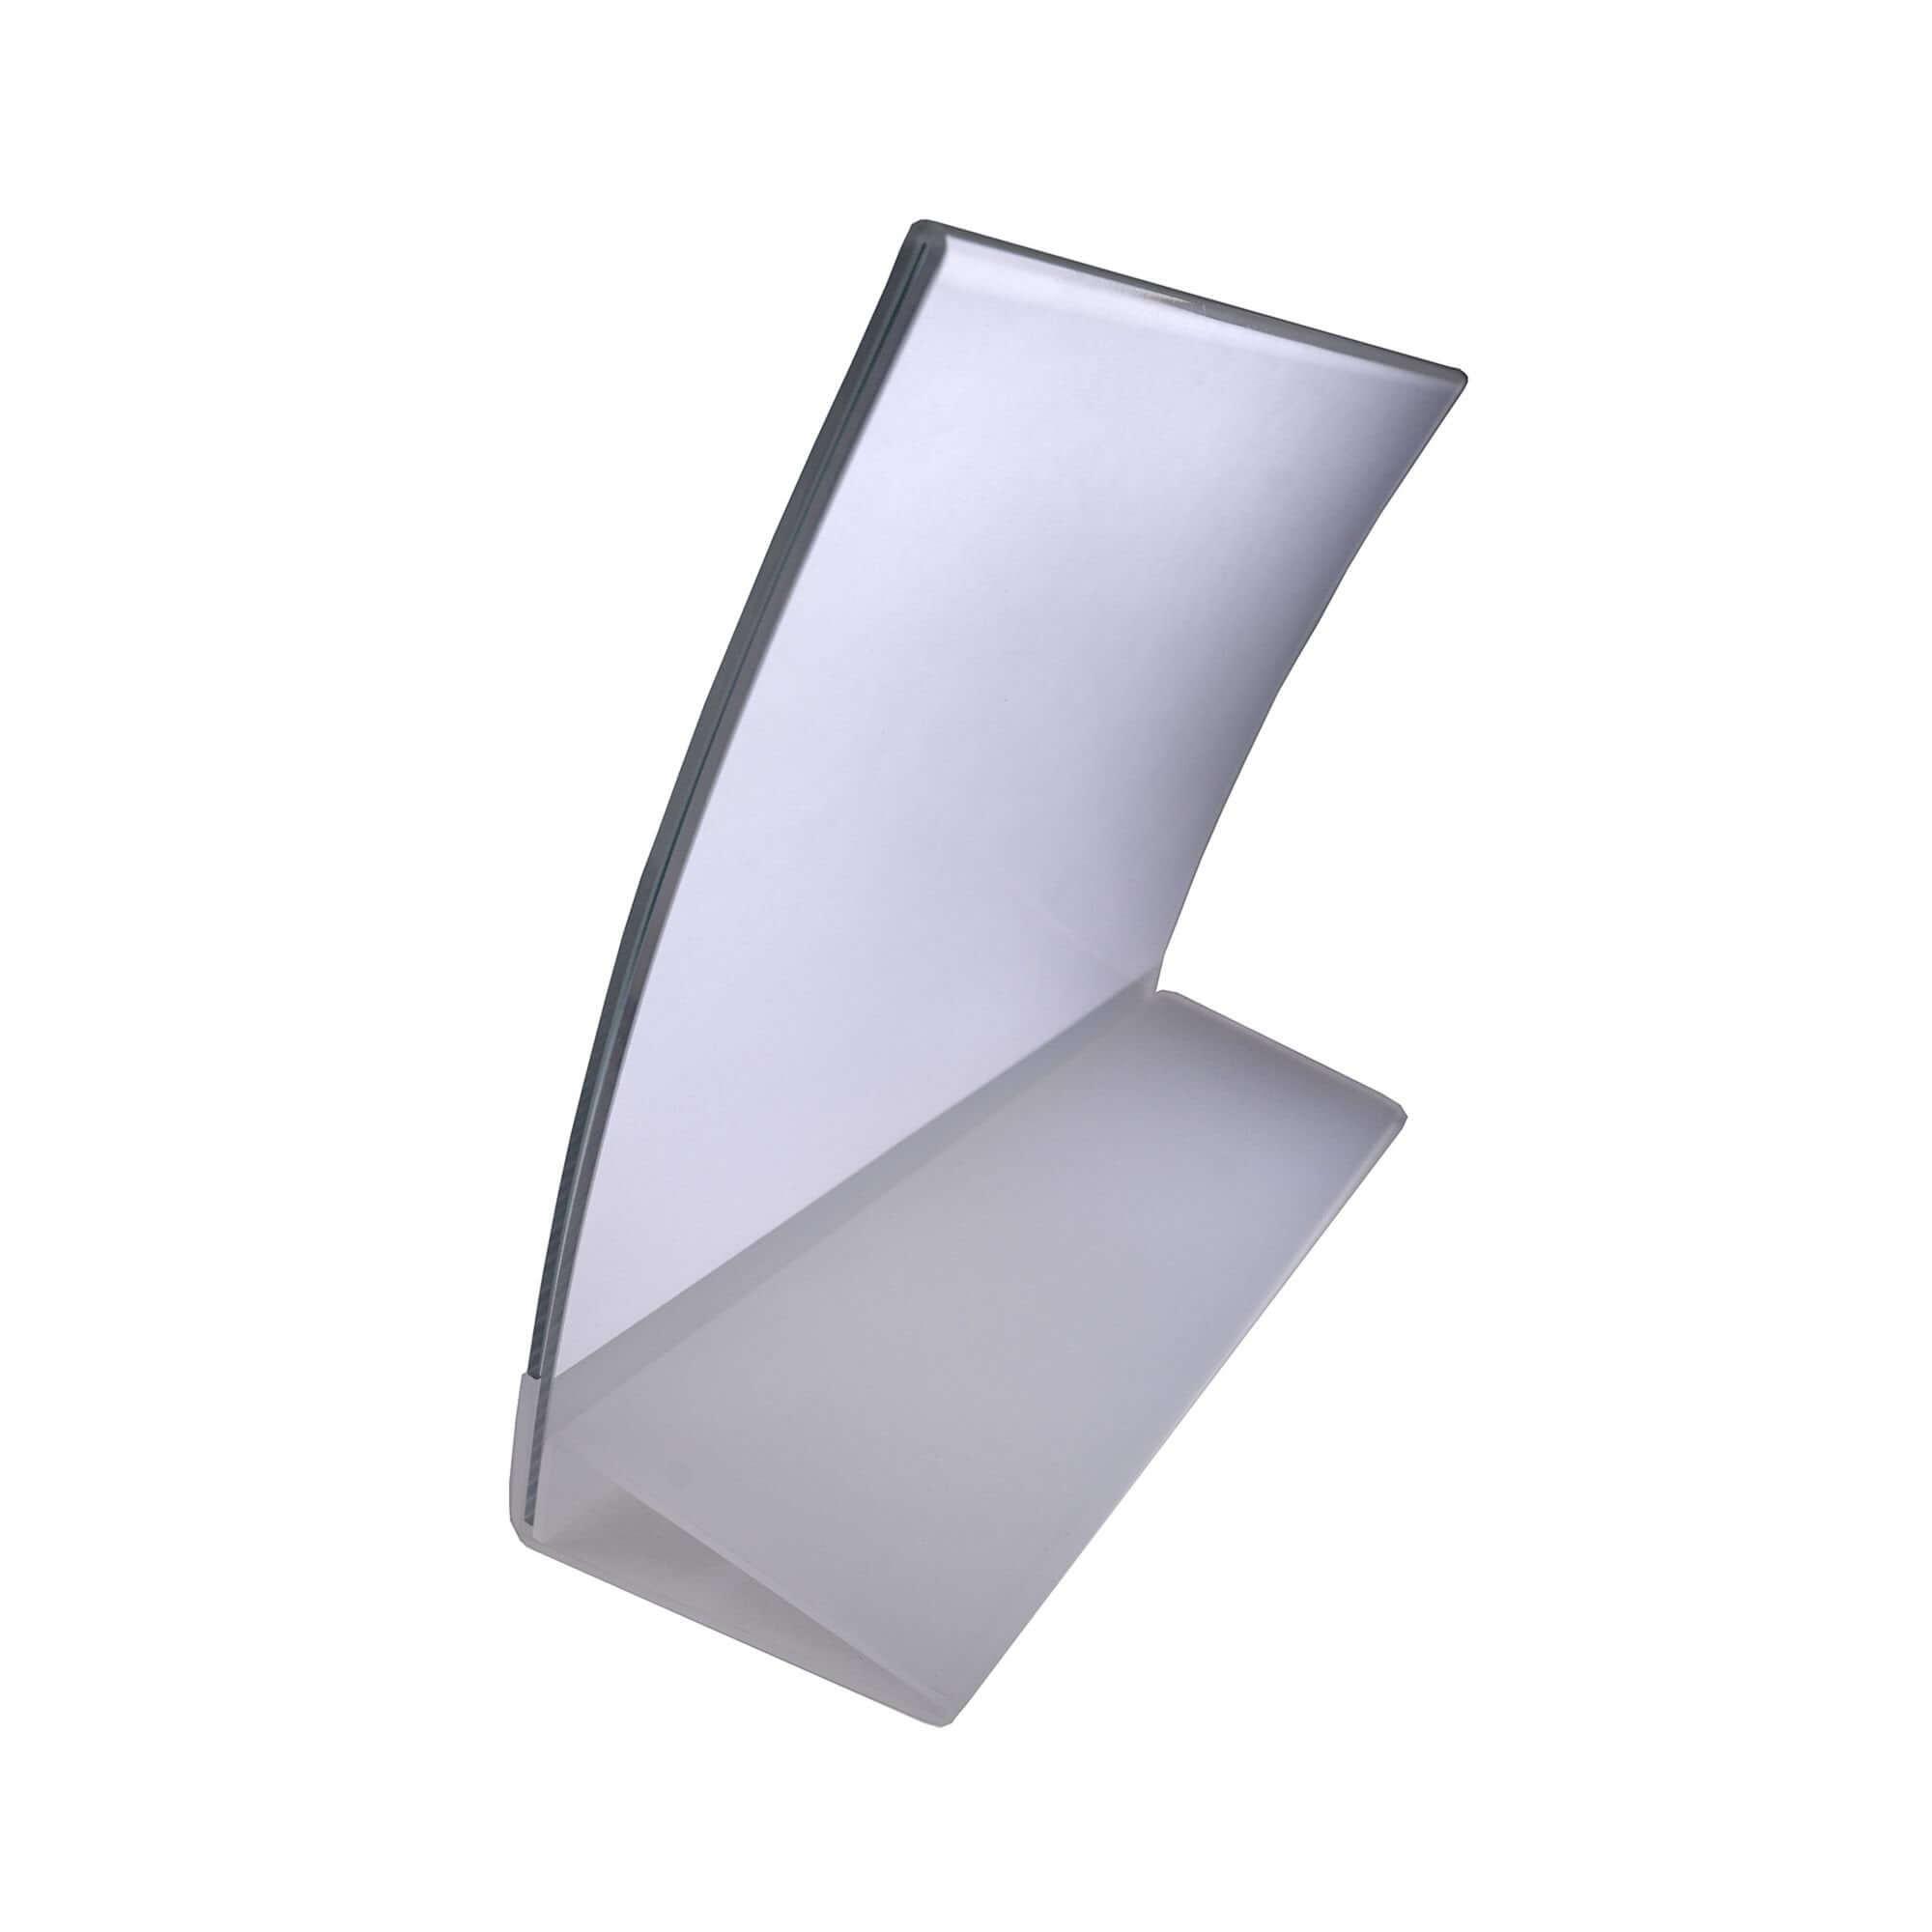 Acryline hochwertiger Prospektsteller aus Acrylglas acryl kunststoff prospektehalter prospekthalter broschürenhalter werbehalter prospekte halter display verkaufsförderung aussteller